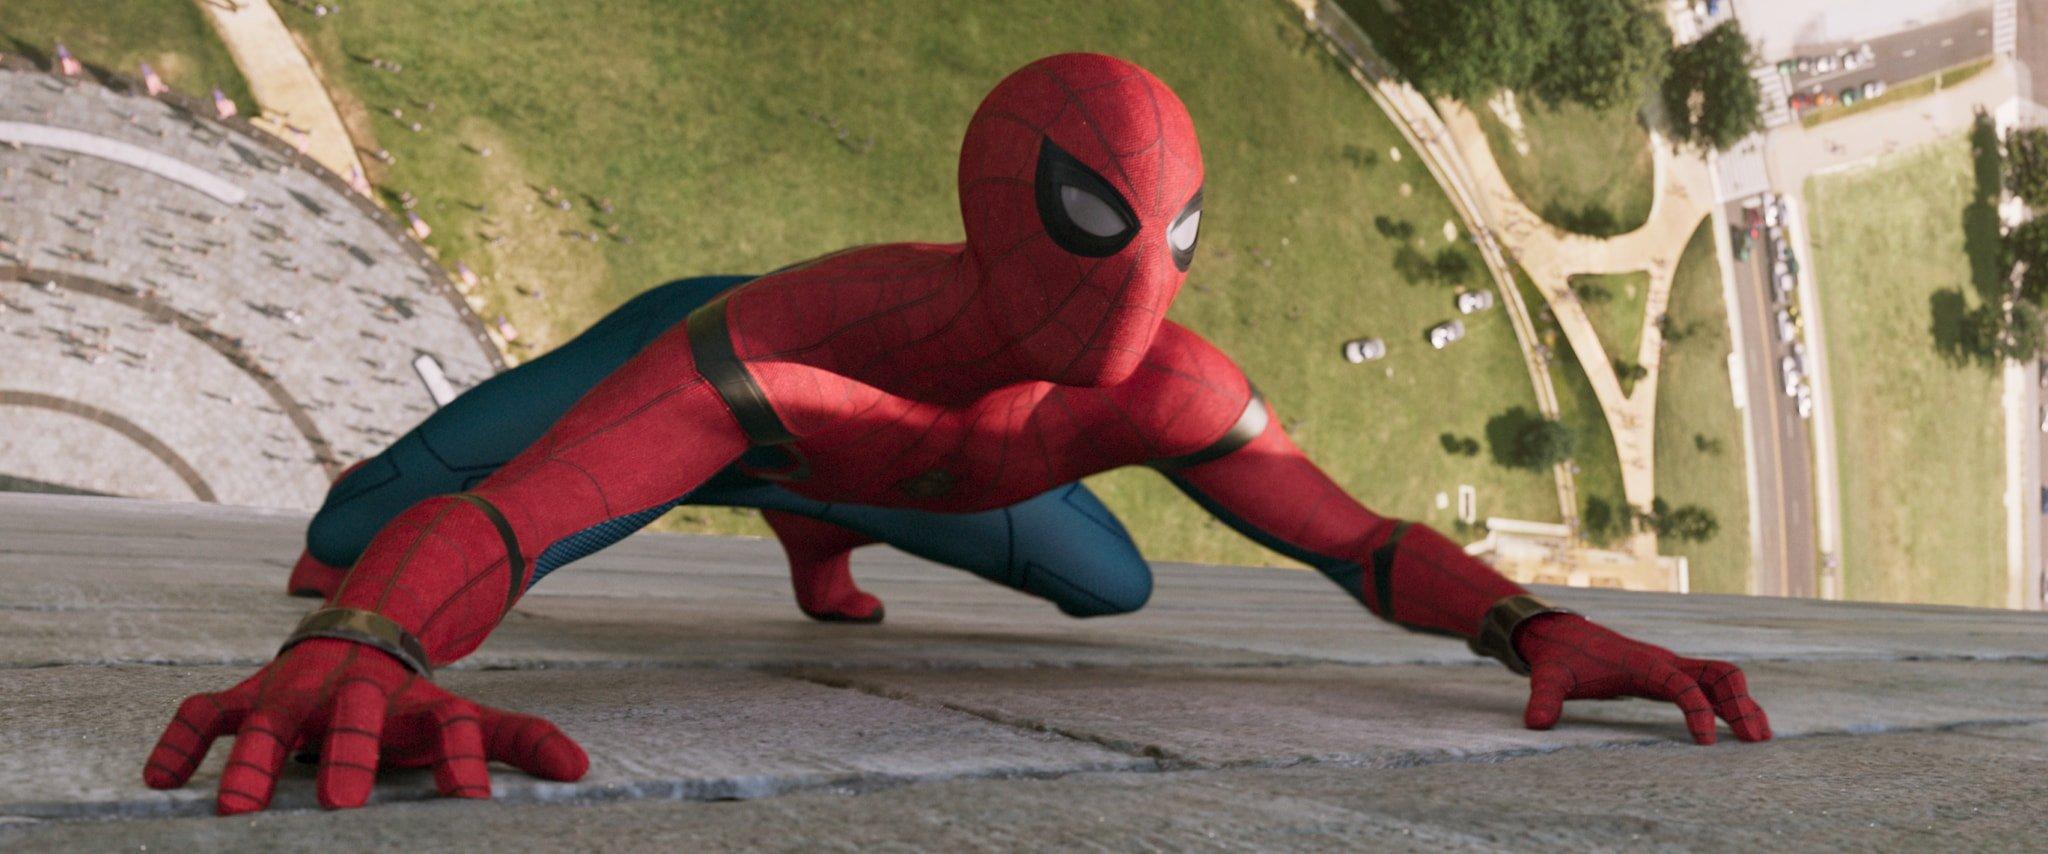 Spider-Man D&D 5E